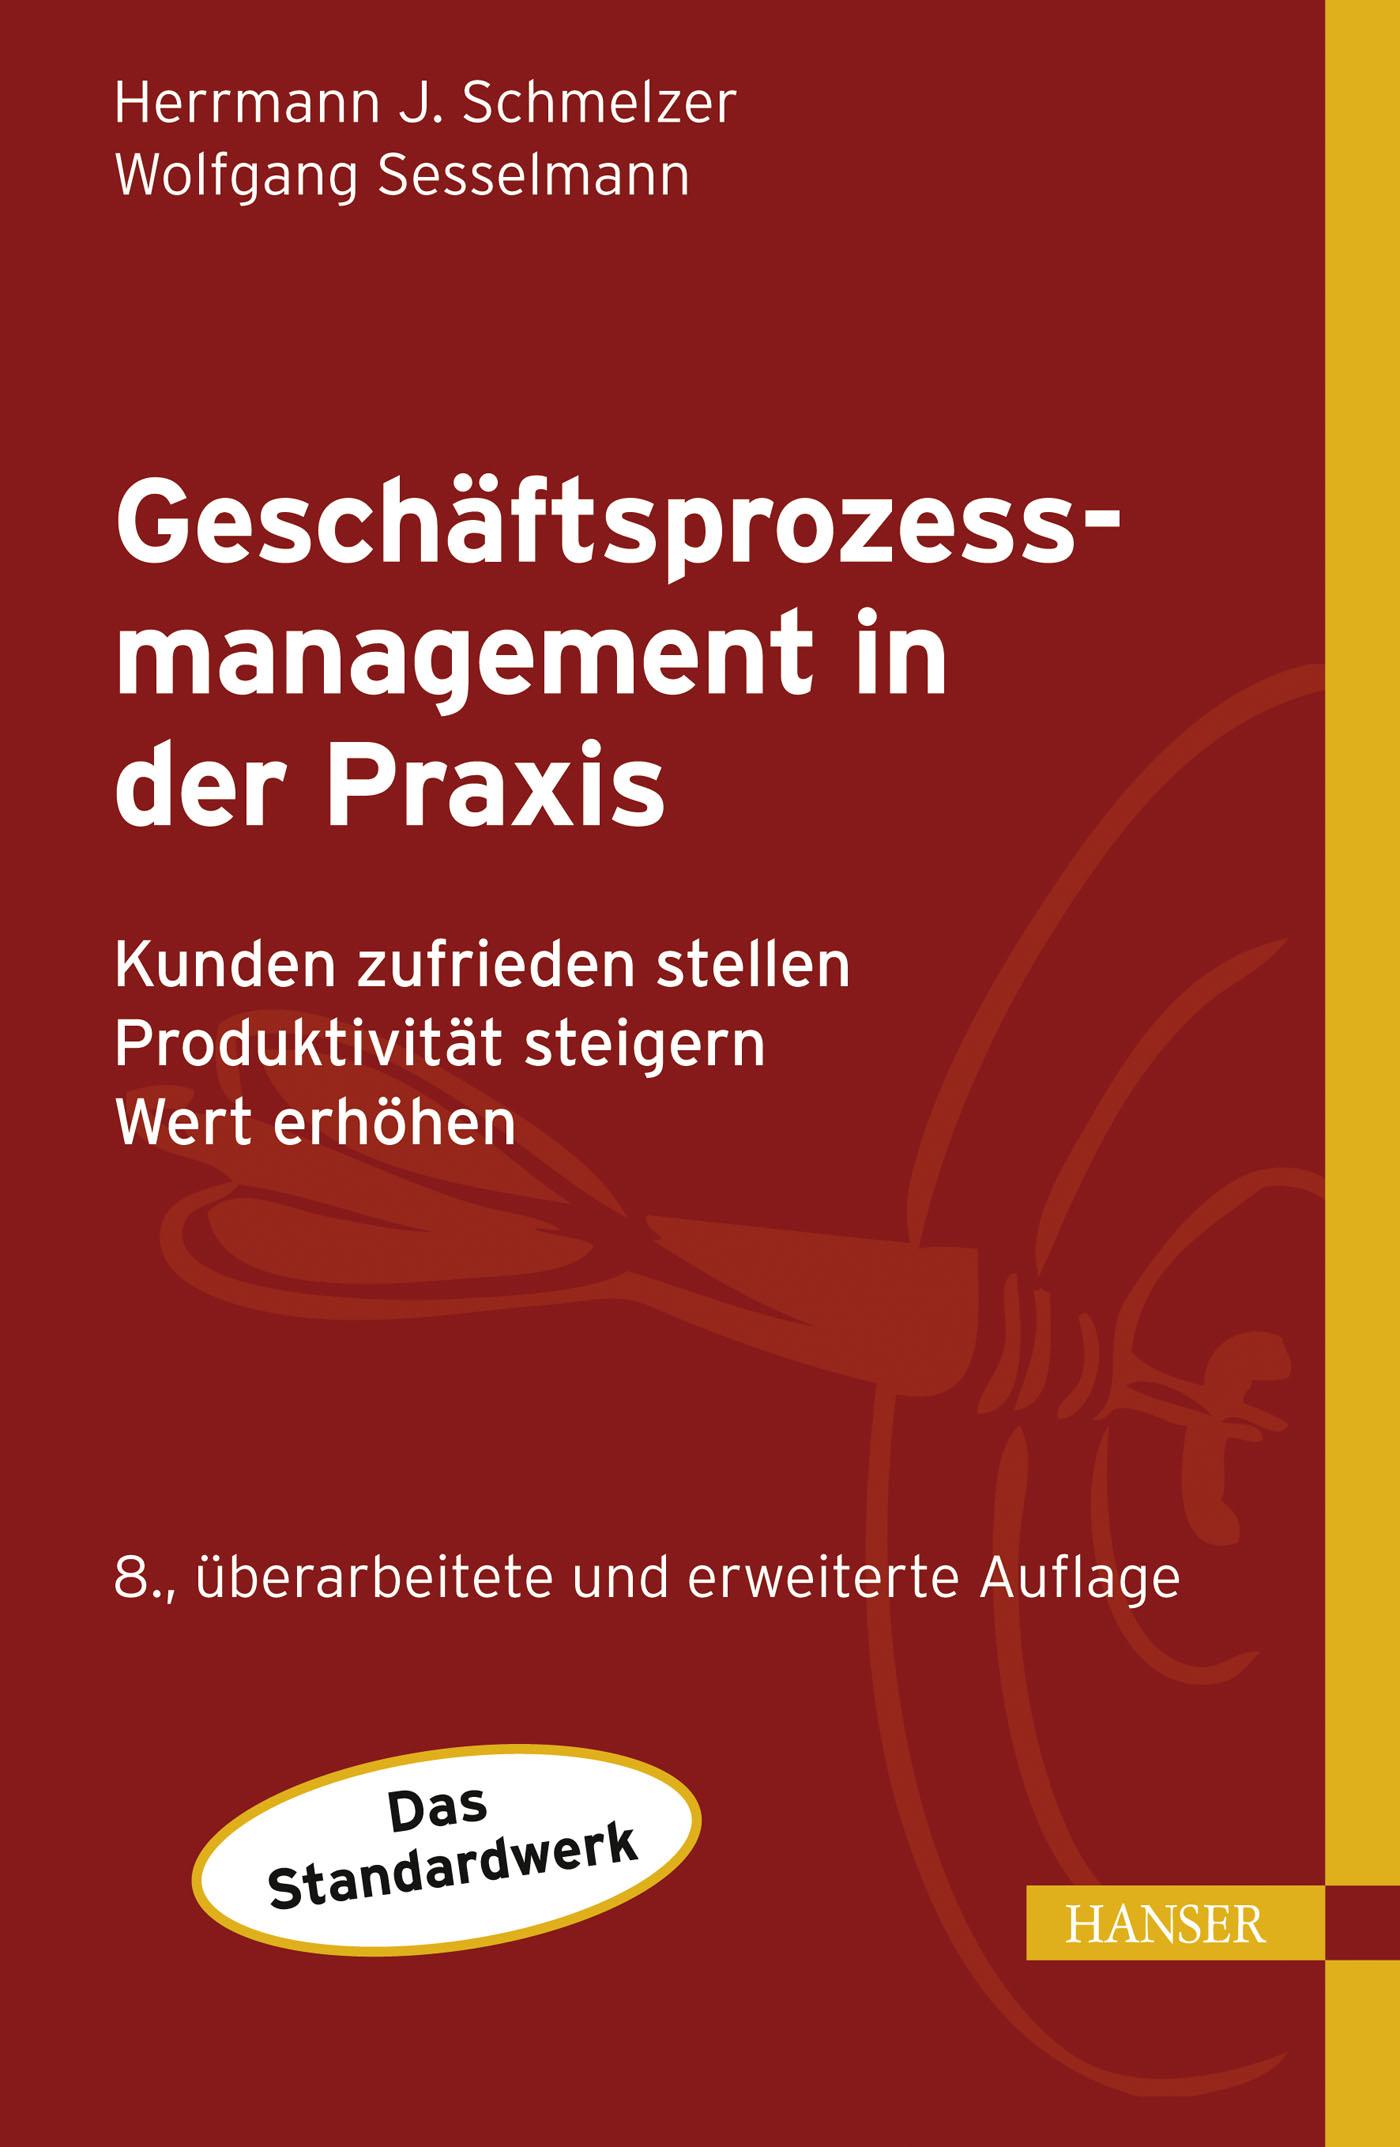 Schmelzer, Sesselmann, Geschäftsprozessmanagement in der Praxis, 978-3-446-43460-8